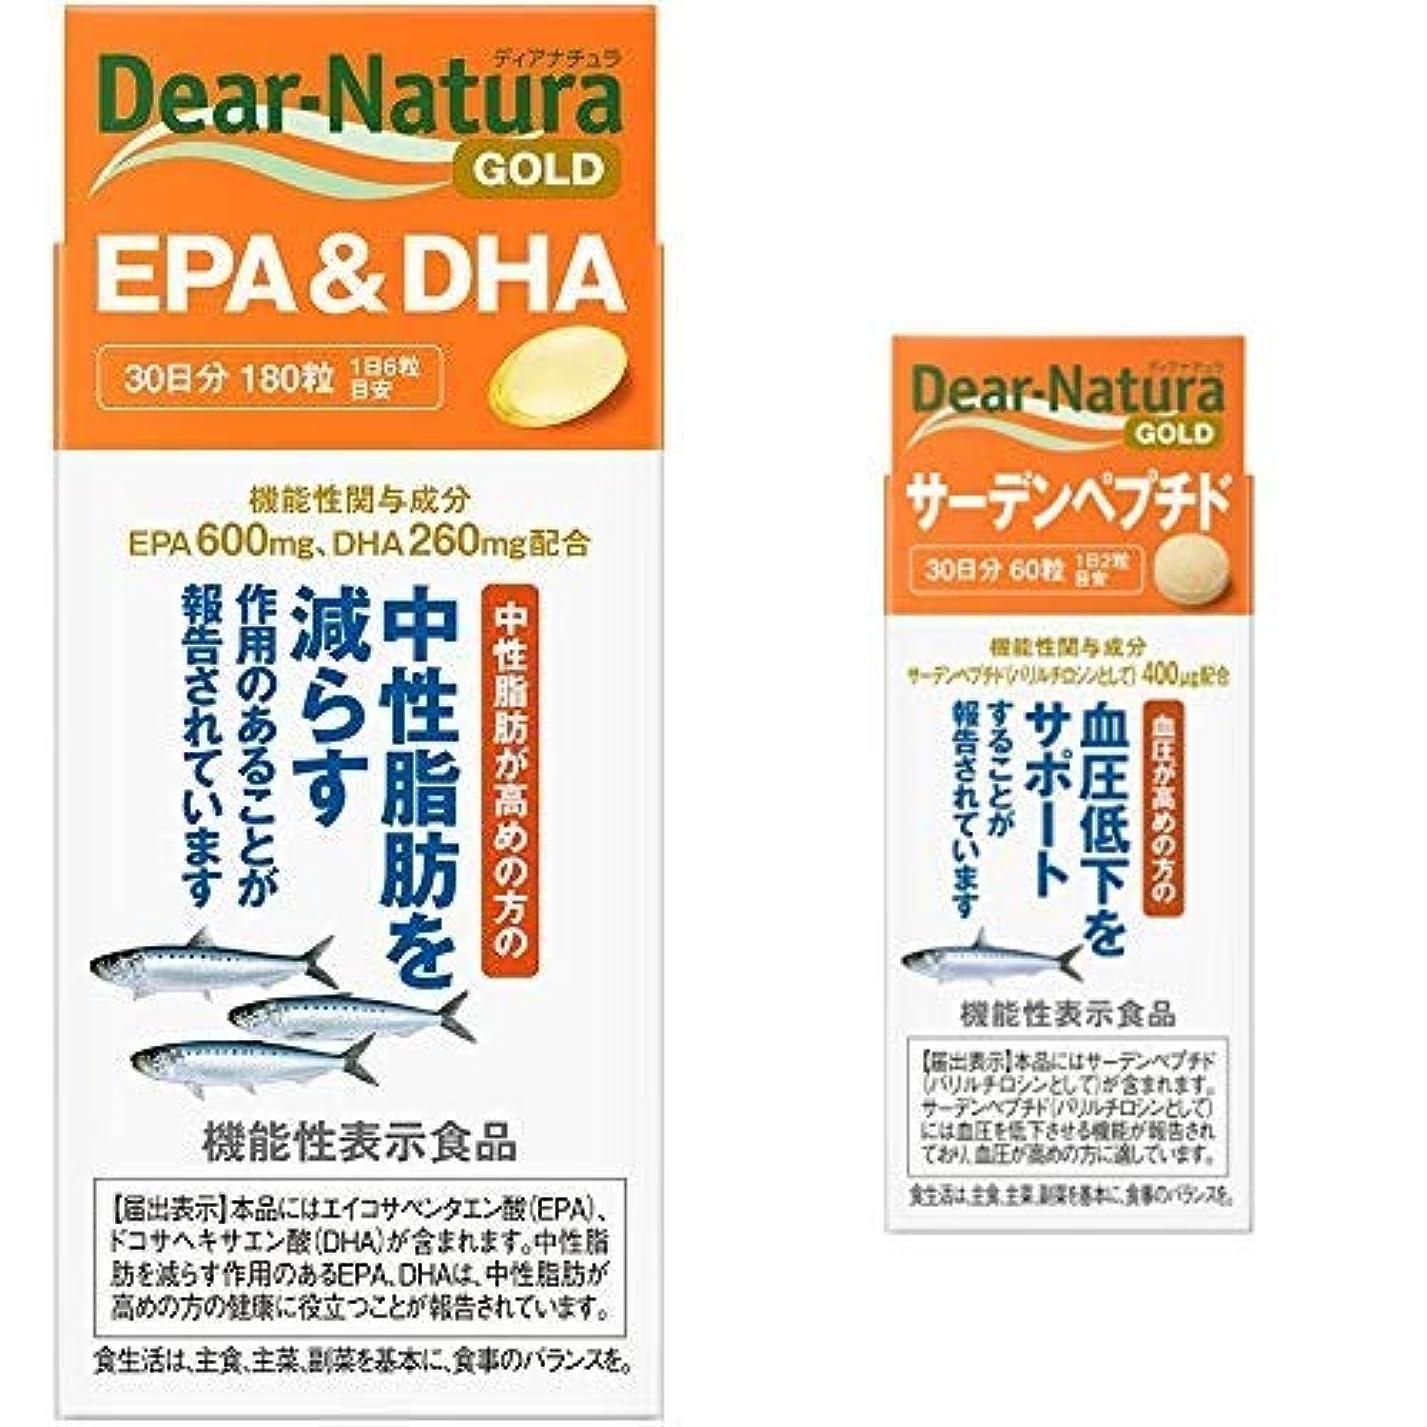 の失前に【セット買い】ディアナチュラゴールド EPA&DHA 30日分 [機能性表示食品] & サーデンペプチド 30日分 [機能性表示食品]